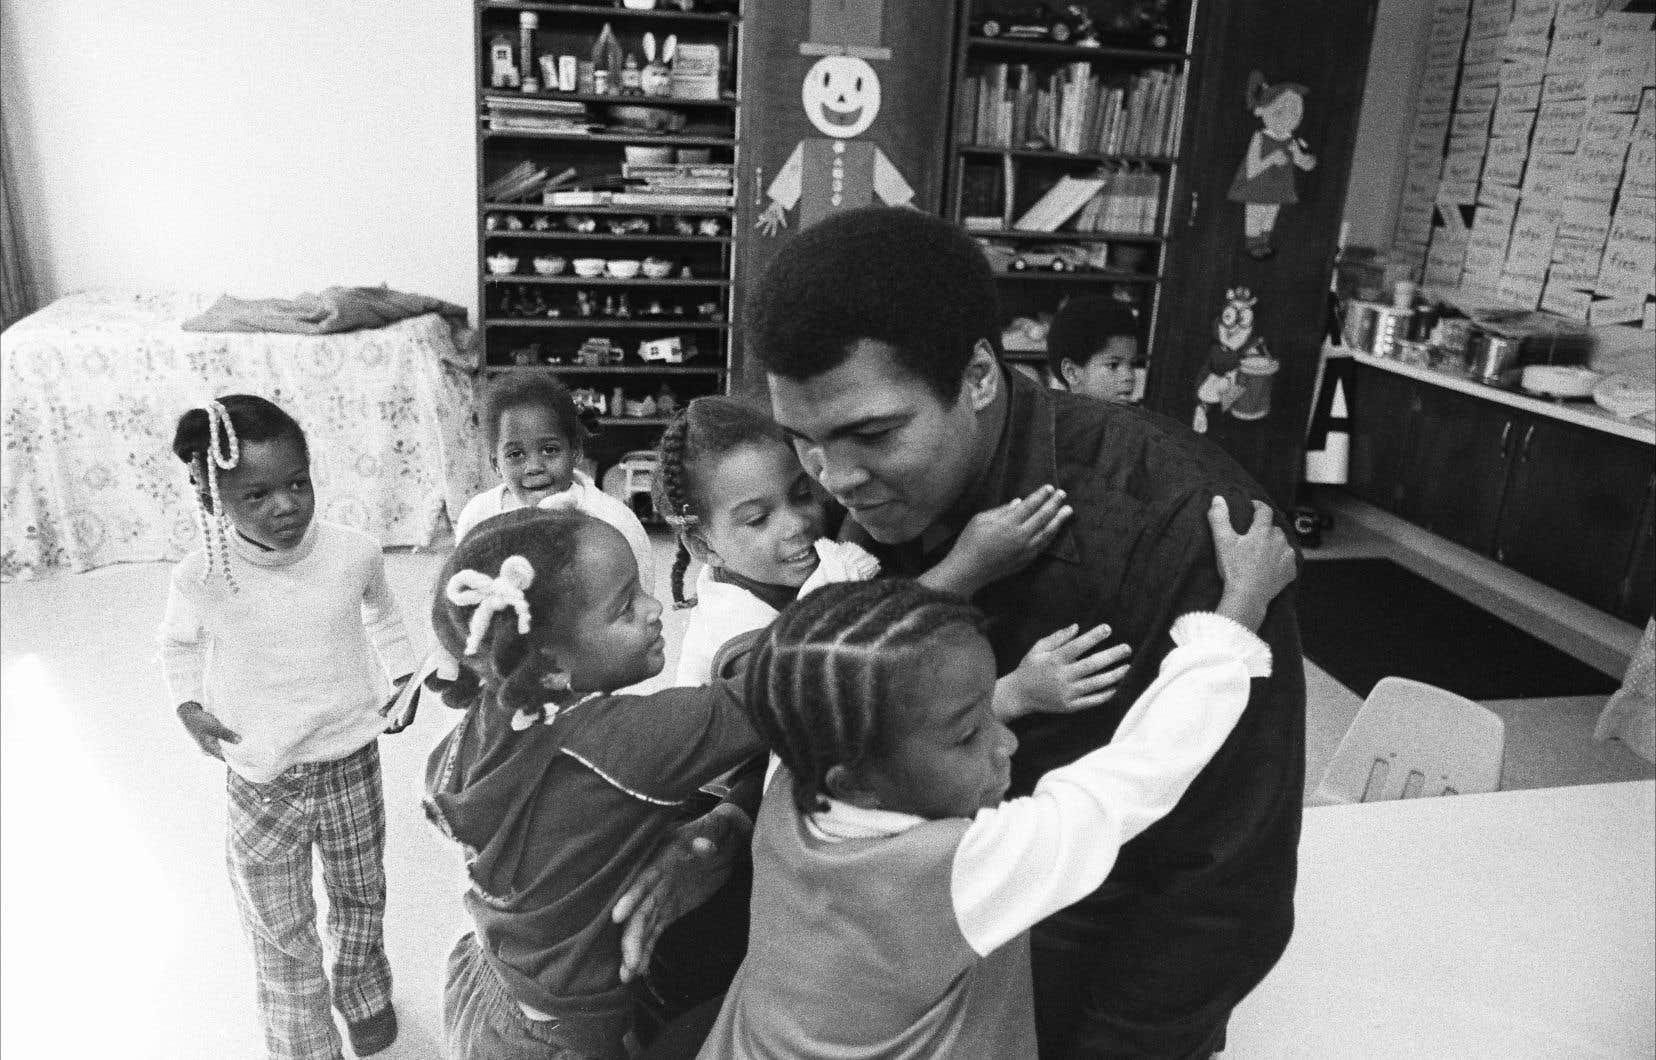 Mohamed Ali entouré de petits élèves lors d'une visite à son ancienne école à Louisville, au Kentucky, en 1977.